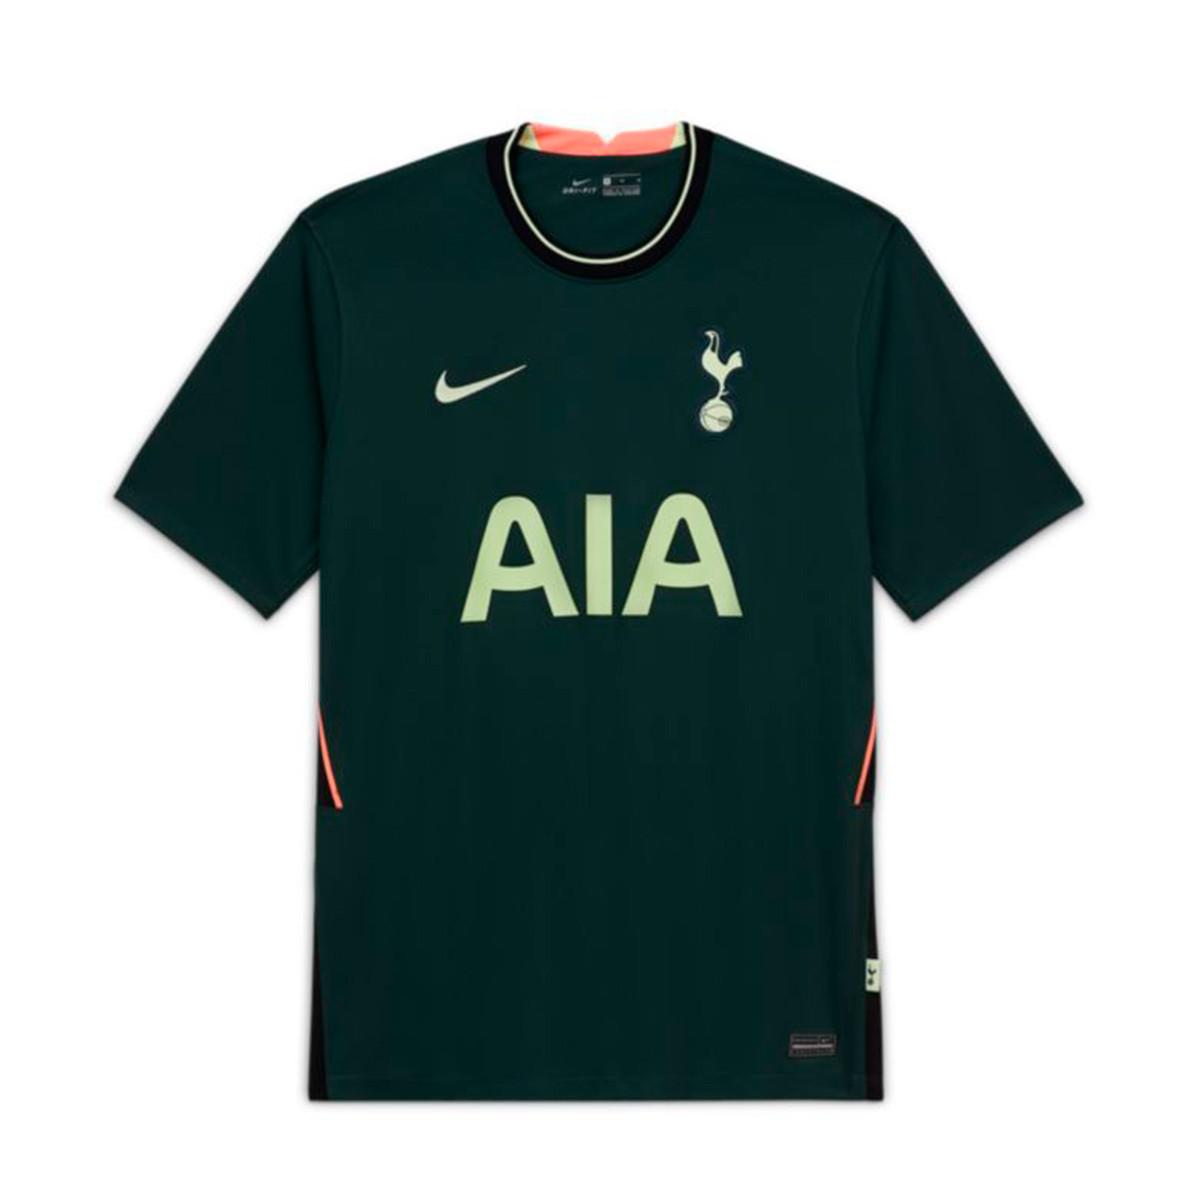 Jersey Nike Tottenham Hotspur Fc Stadium Segunda Equipacion 2020 2021 Nino Pro Green Barely Volt Football Store Futbol Emotion